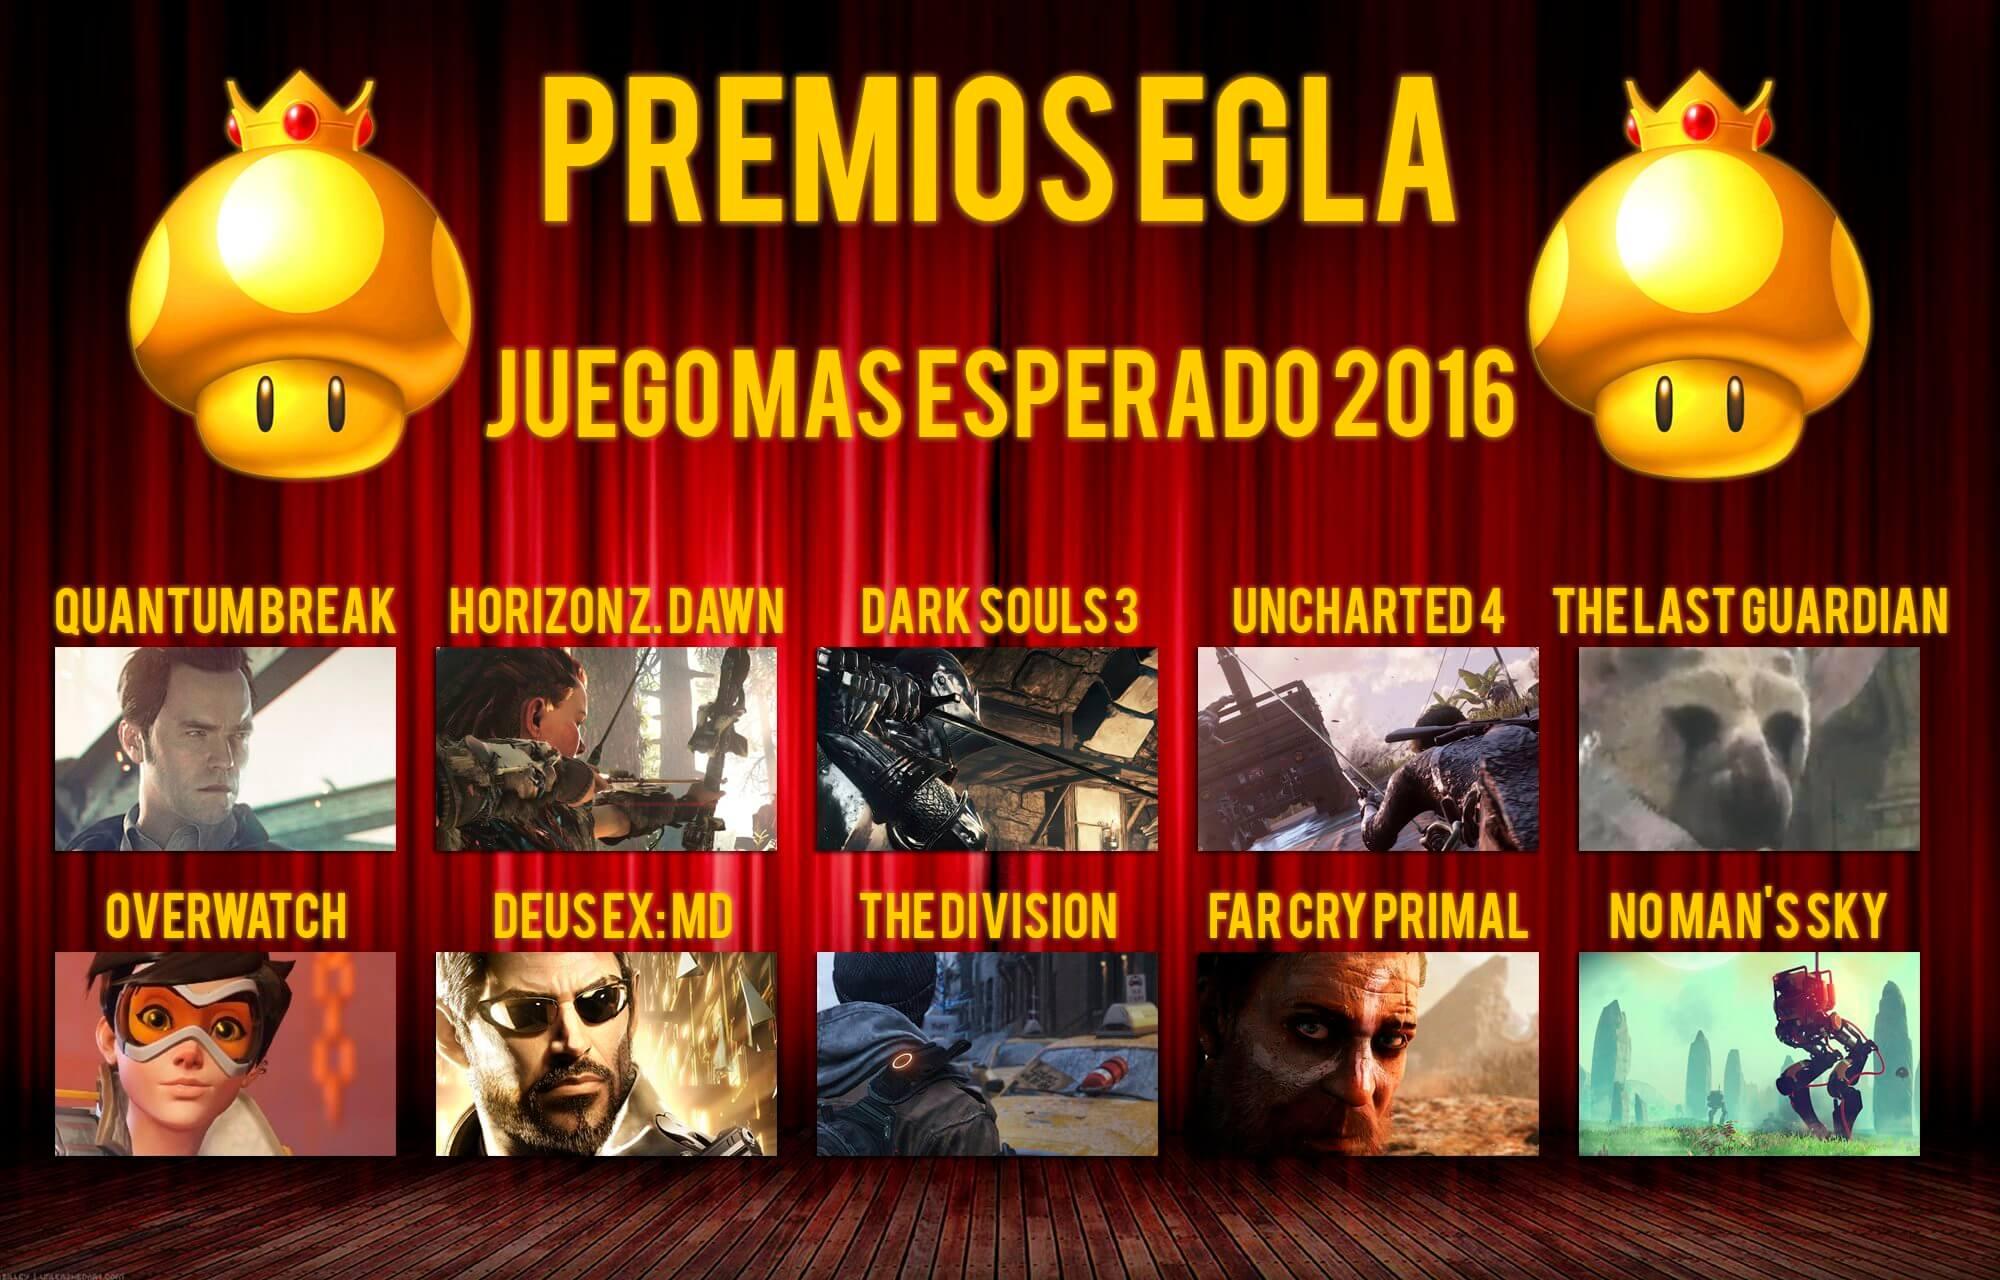 Premios EGLA 2015 Juego más esperado del 2016